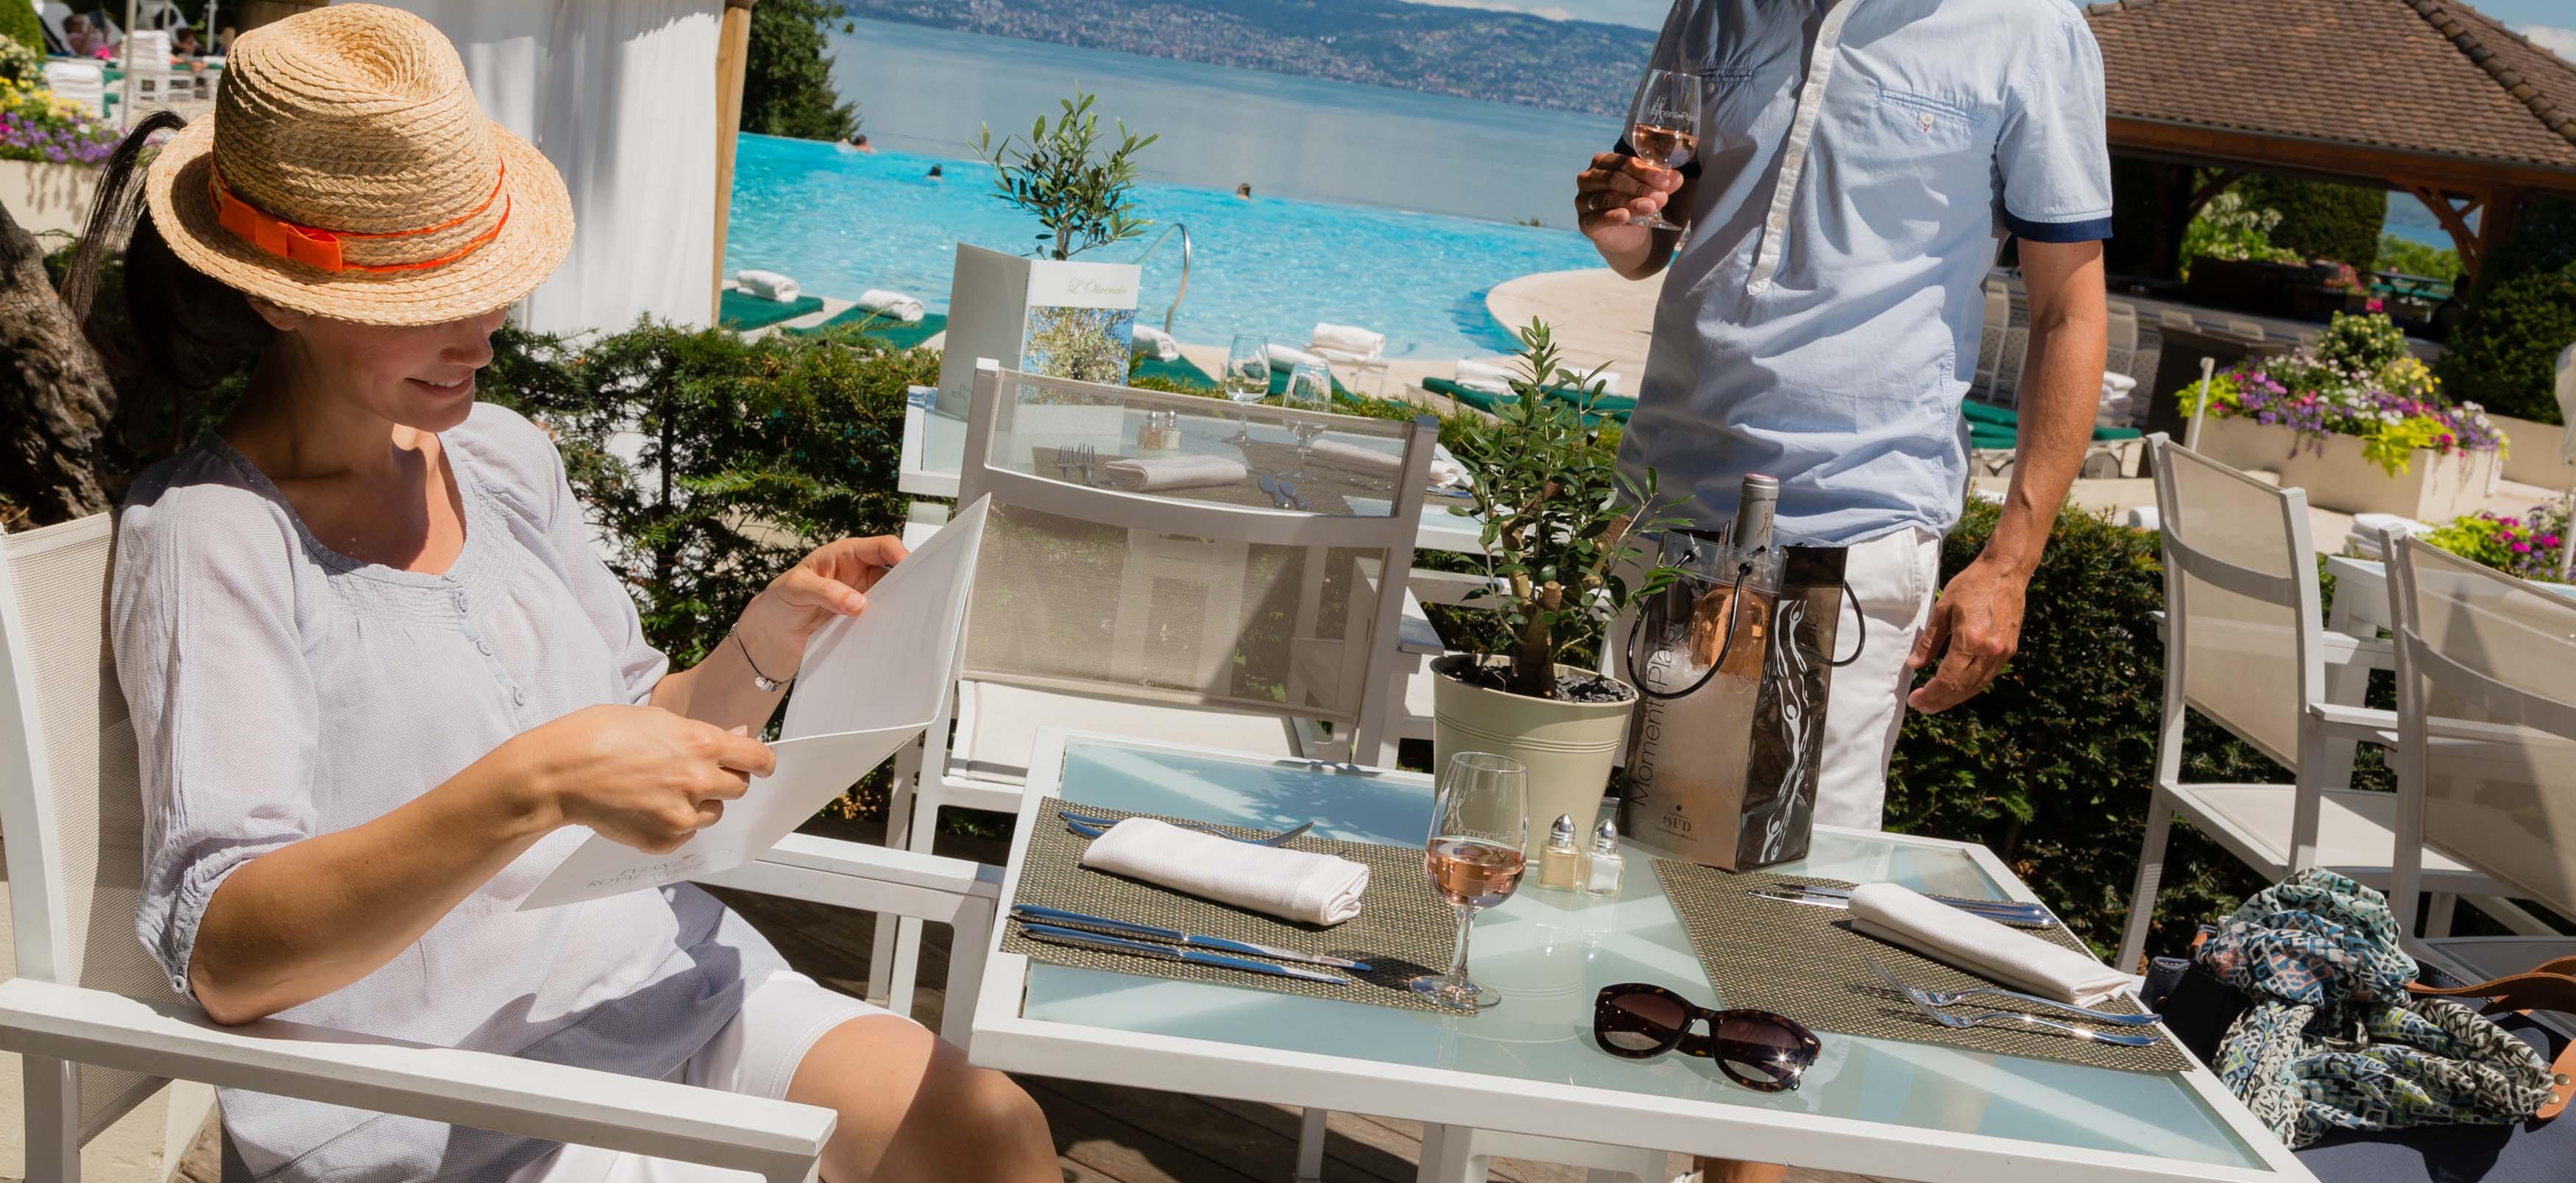 le restaurant l 39 oliveraie au bord de la piscine de l 39 h tel. Black Bedroom Furniture Sets. Home Design Ideas